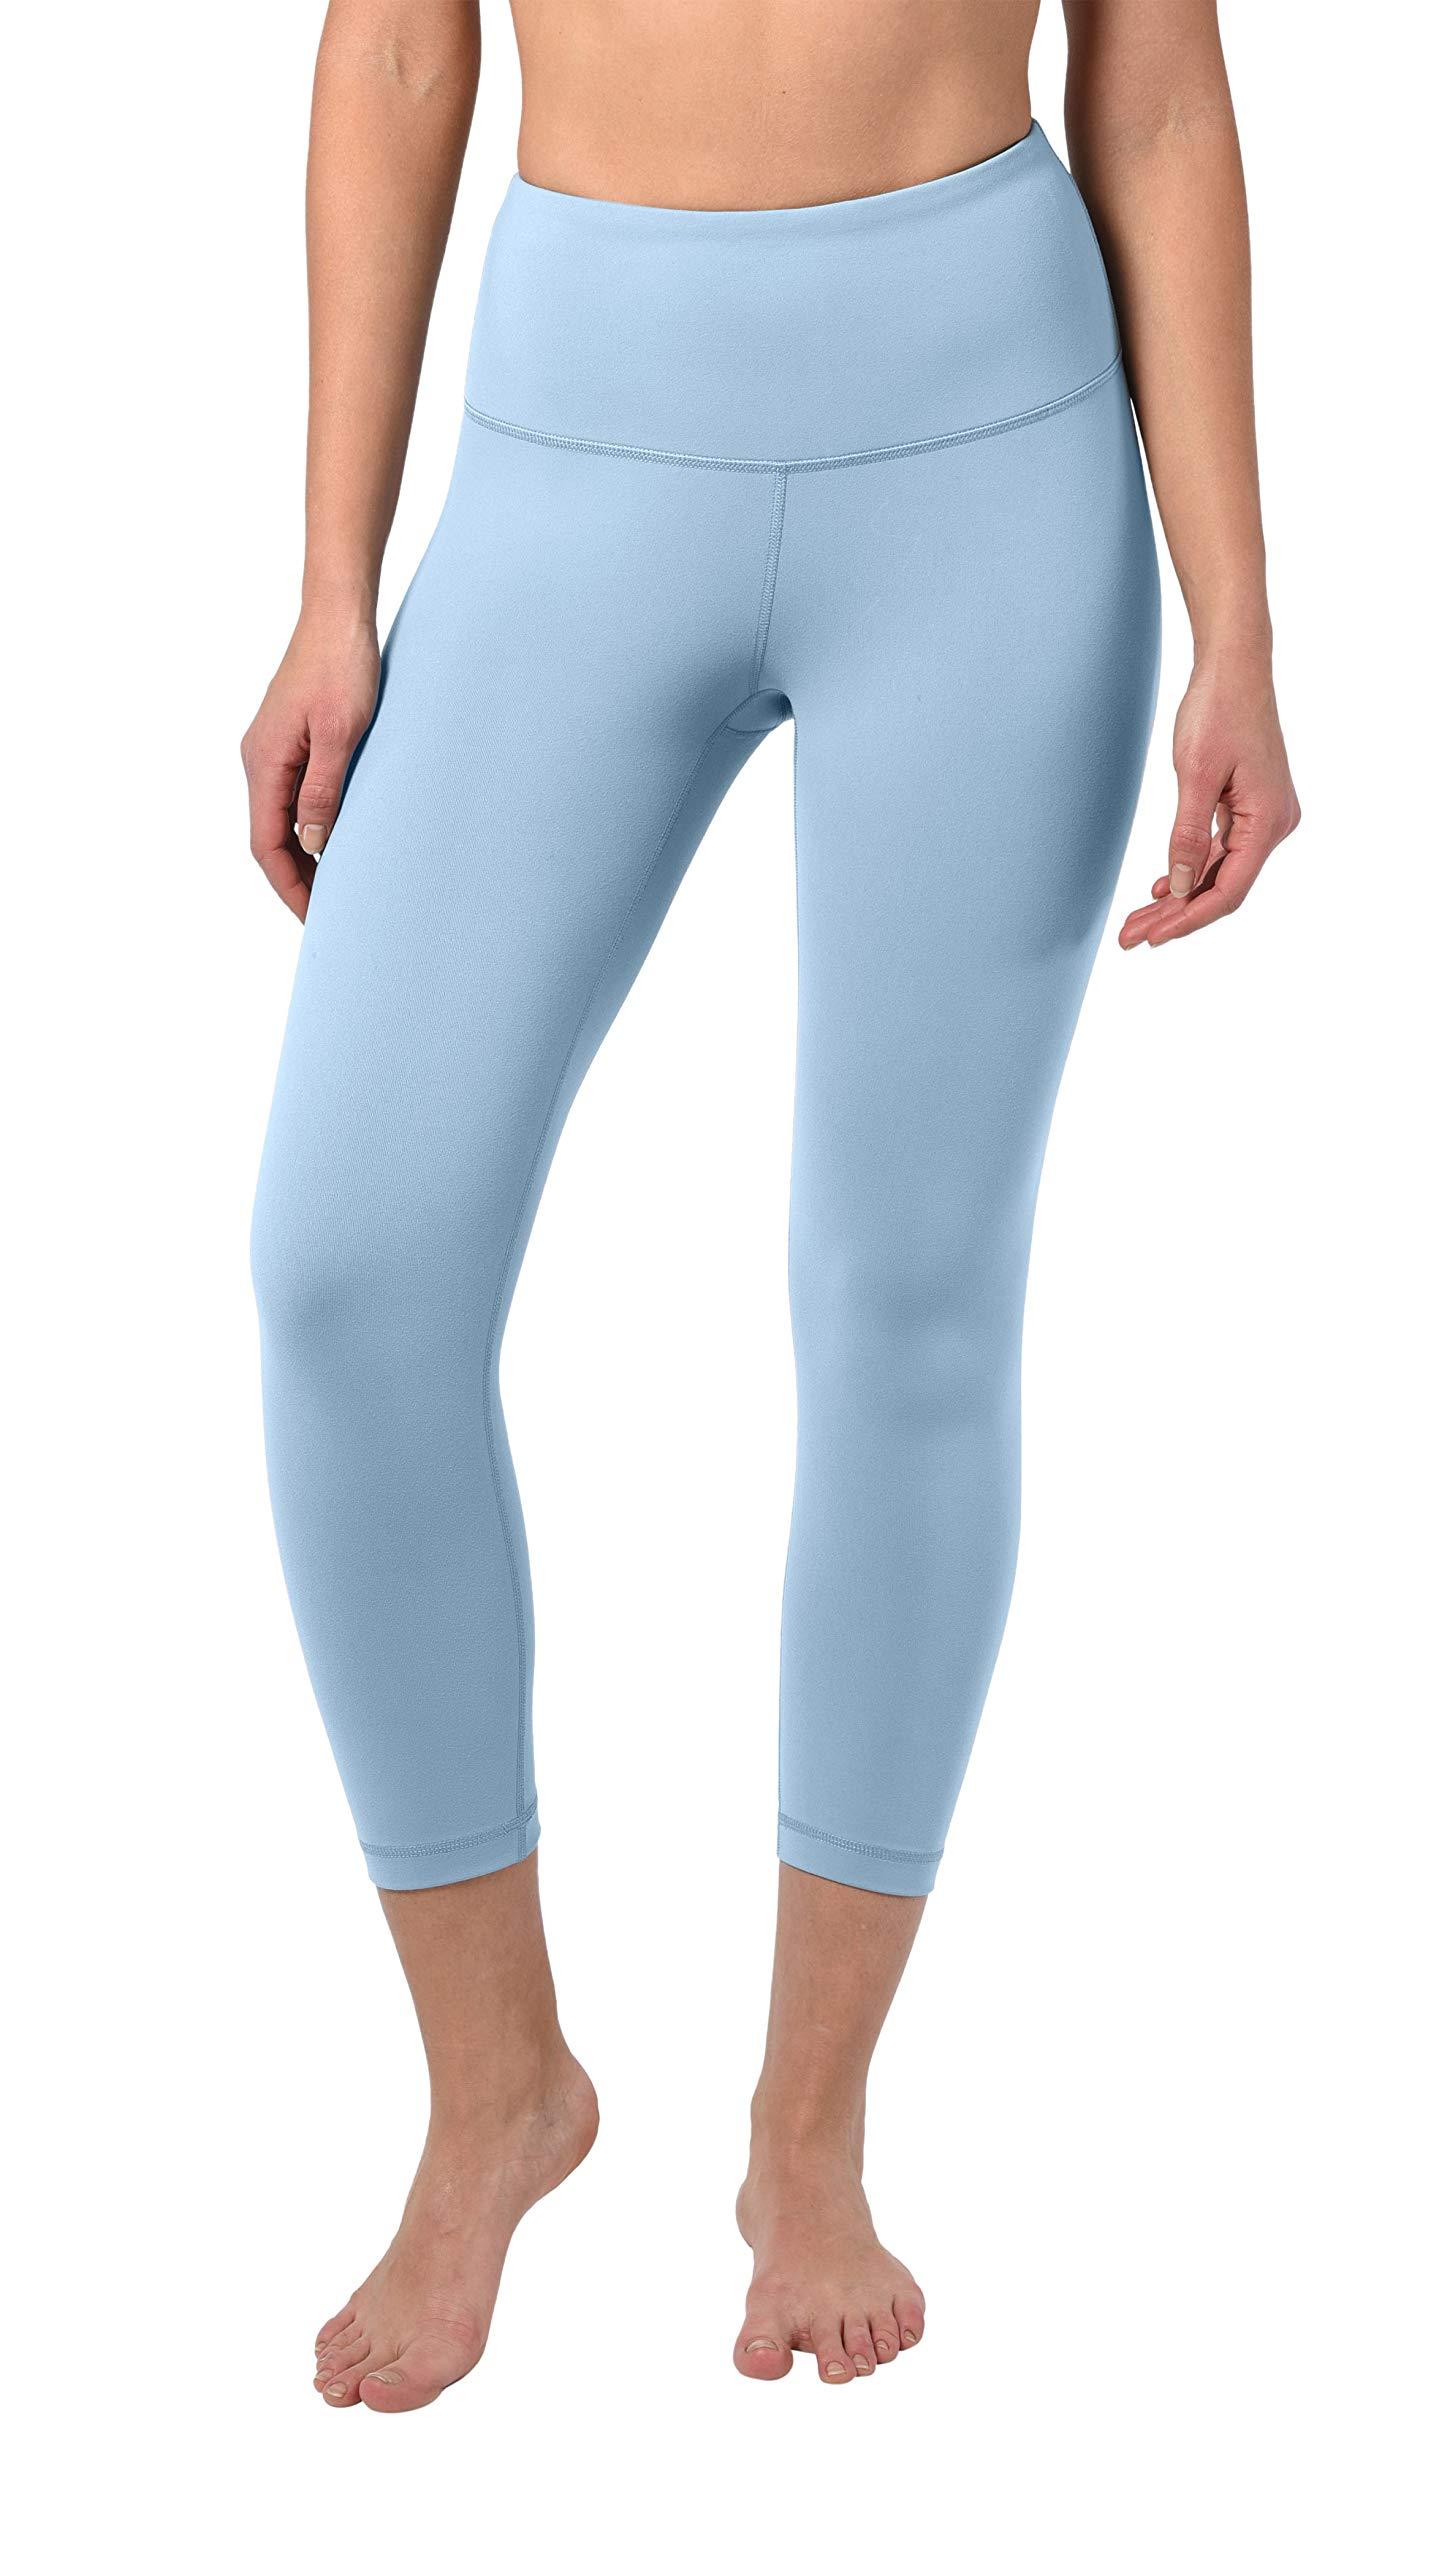 90 Degree By Reflex - High Waist Tummy Control Shapewear - Power Flex Capri - Powder Blue - Large by 90 Degree By Reflex